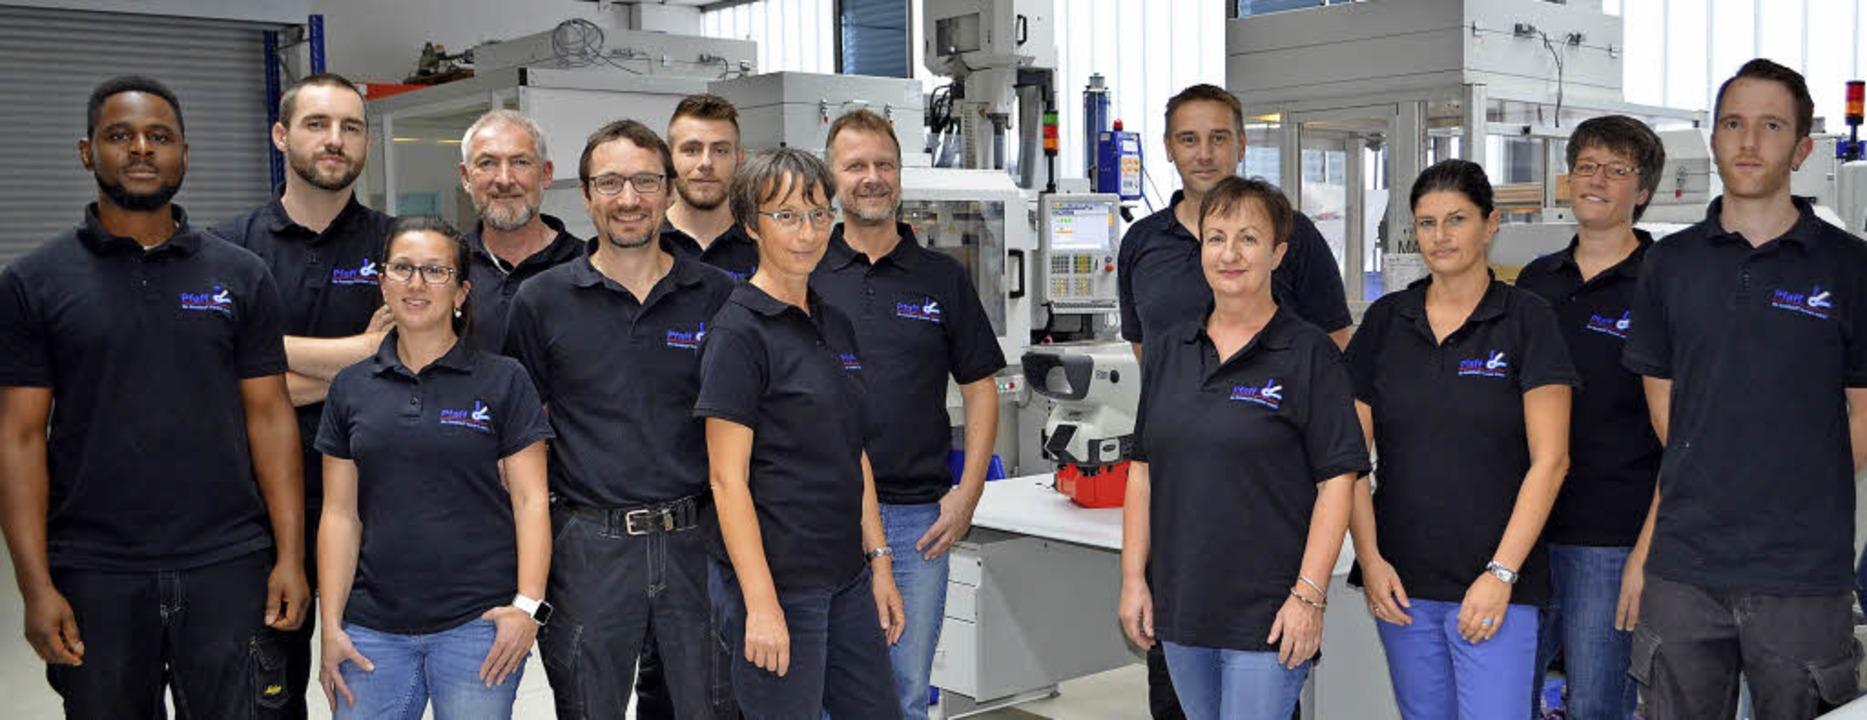 Die Belegschaft der Pfaff GmbH in der Maschinenhalle   | Foto: Nikolaus Bayer